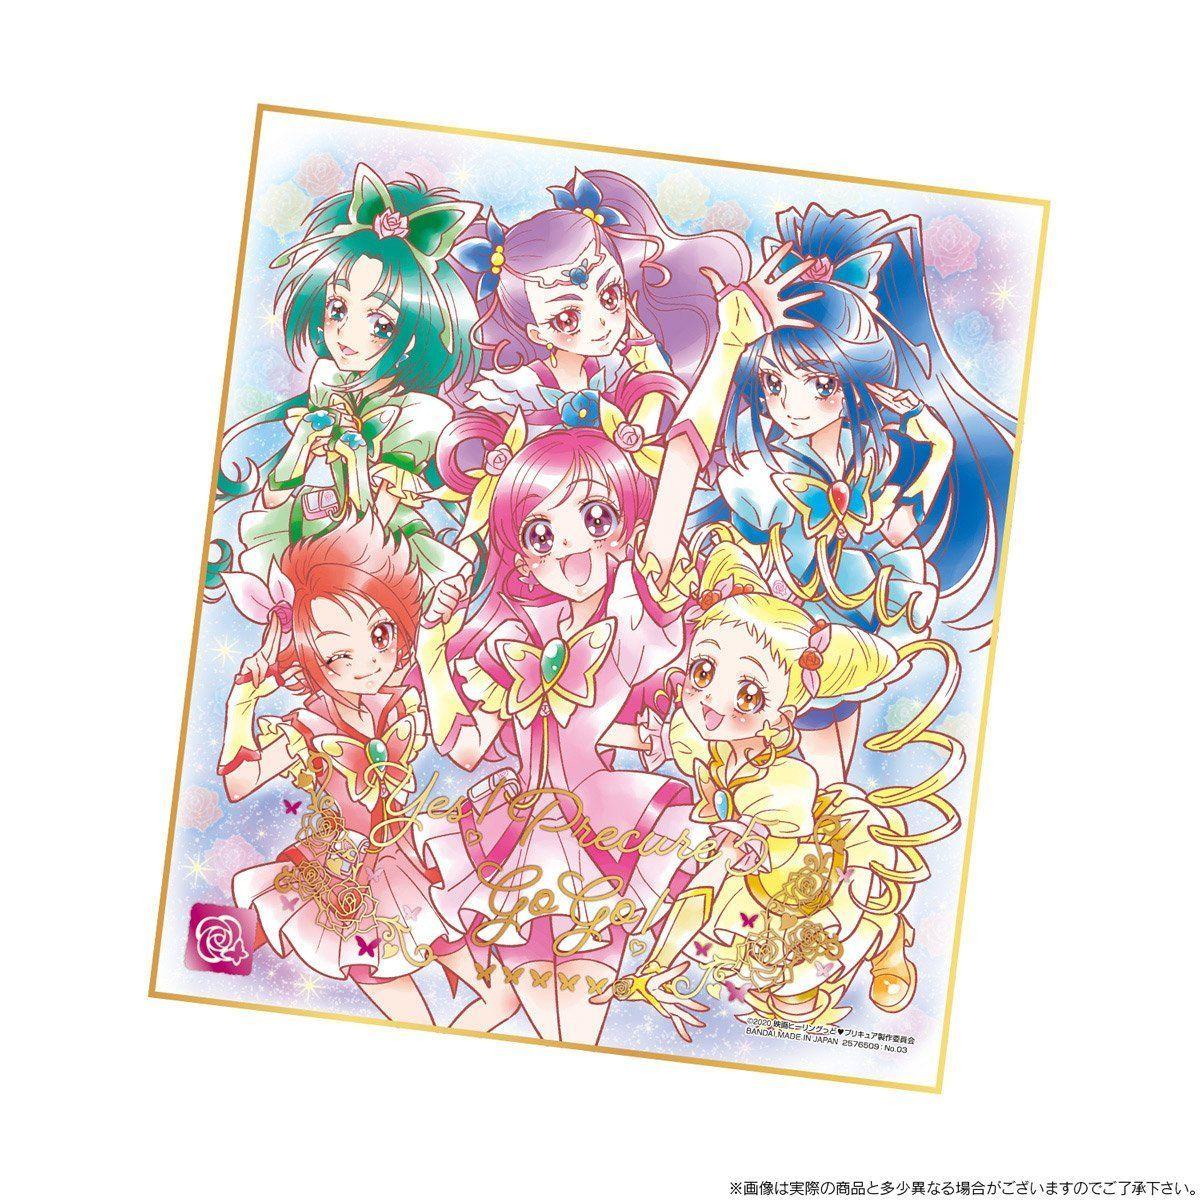 プリキュア色紙ART メモリアルセット−Second−【プレミアムバンダイ限定】_3